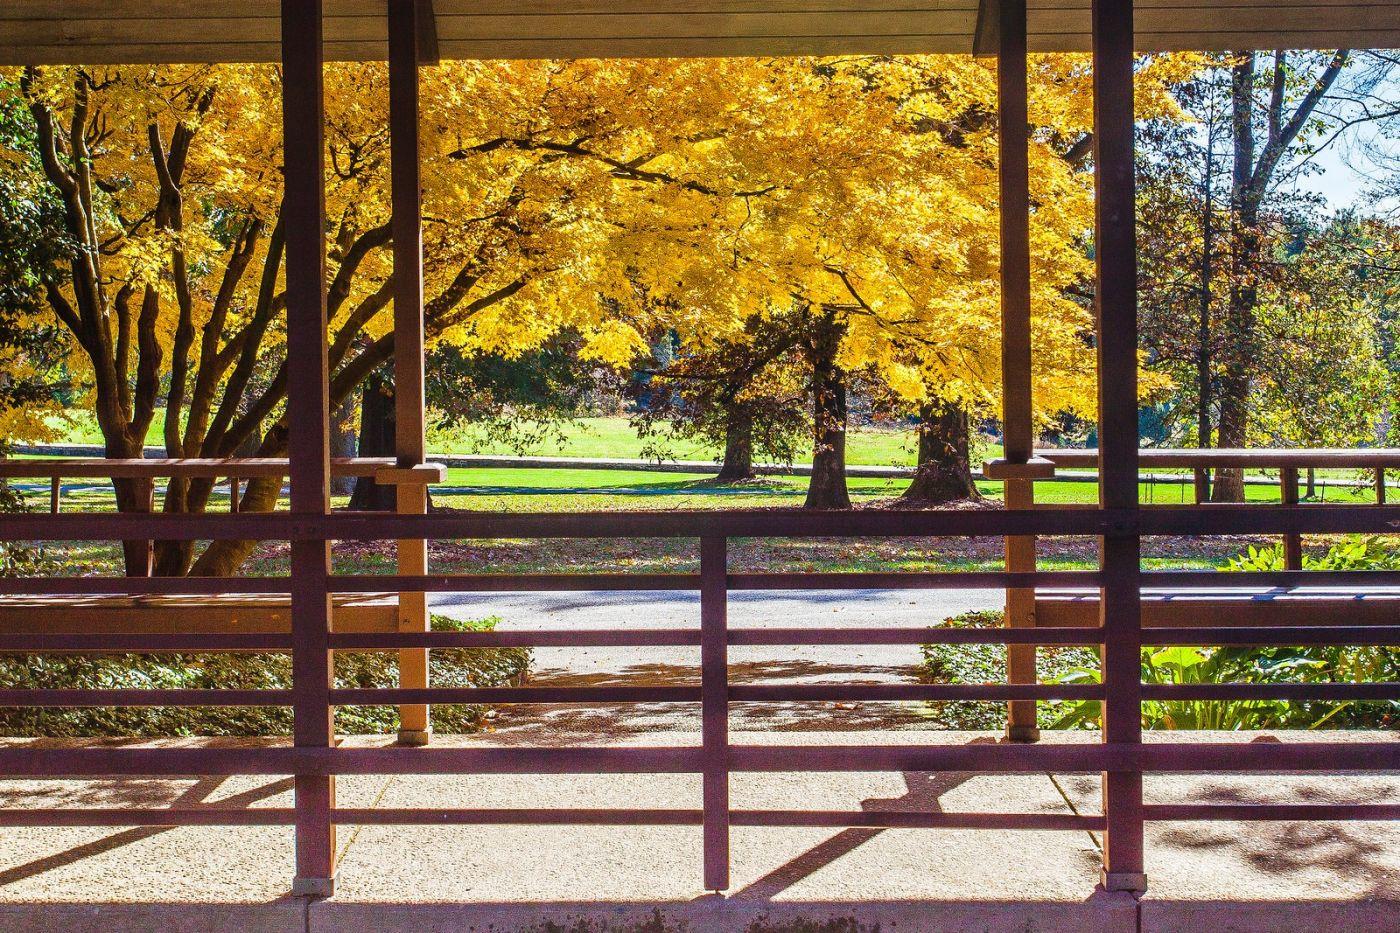 宾州长木公园,熟悉的景色_图1-9